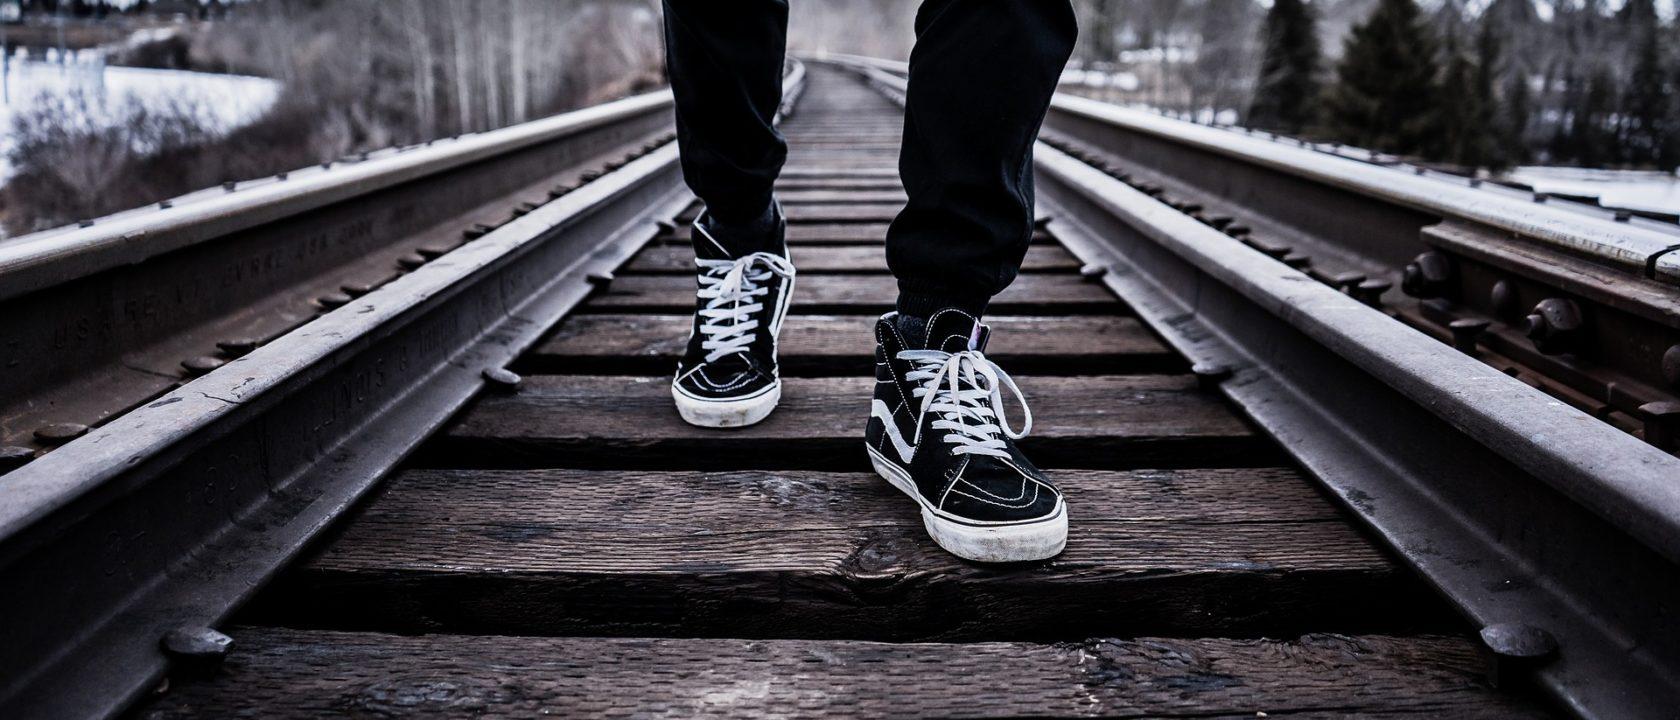 Tren raylarında yürüyen adam.